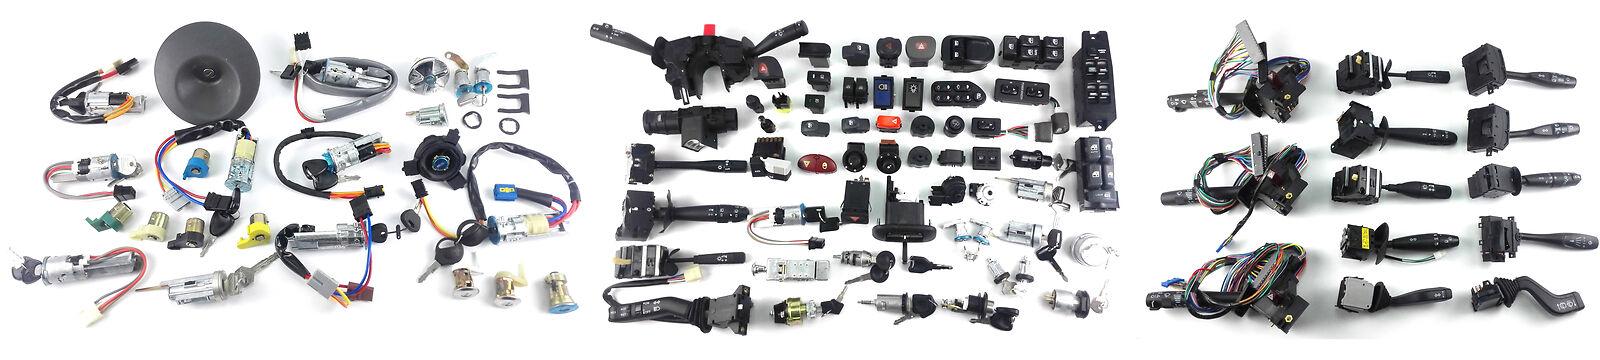 JXAP Spare Parts